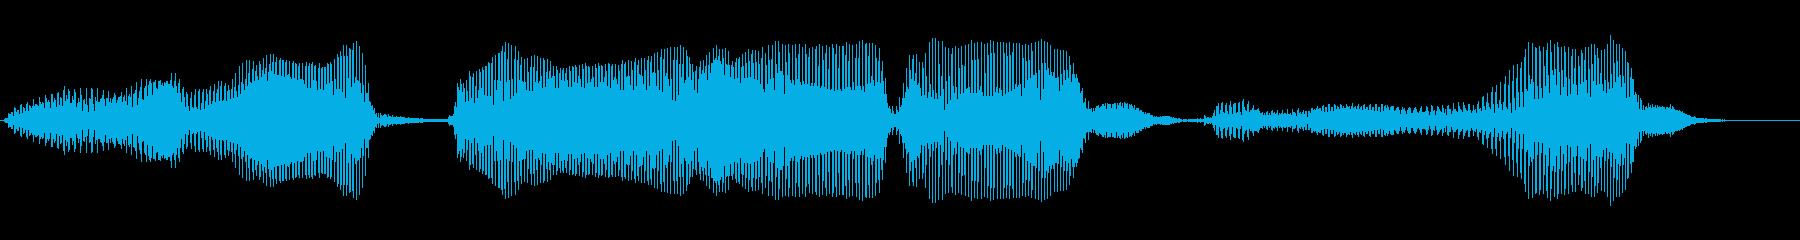 モードを選んでねの再生済みの波形